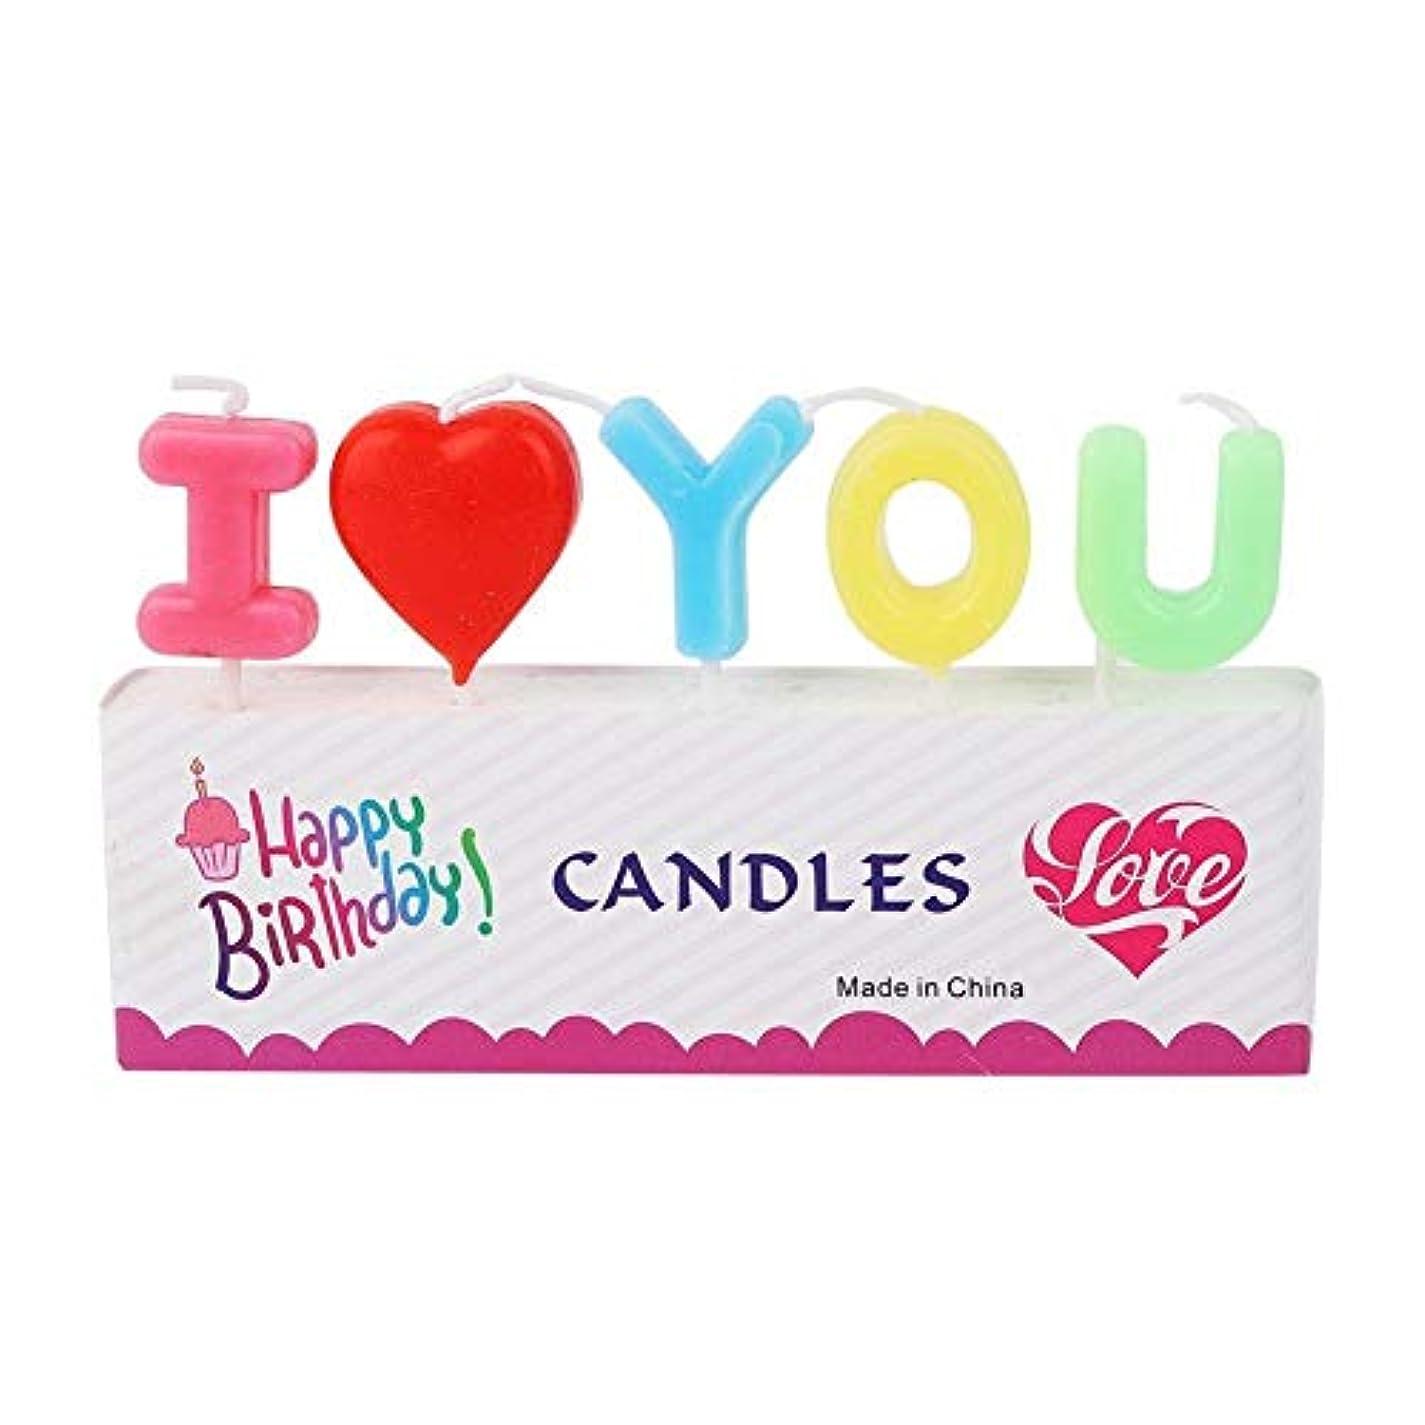 衛星売る会社装飾キャンドル Vobar 文字型キャンドル I Love You 誕生日 記念日 パーティー 結婚式 プロポーズ 告白道具用